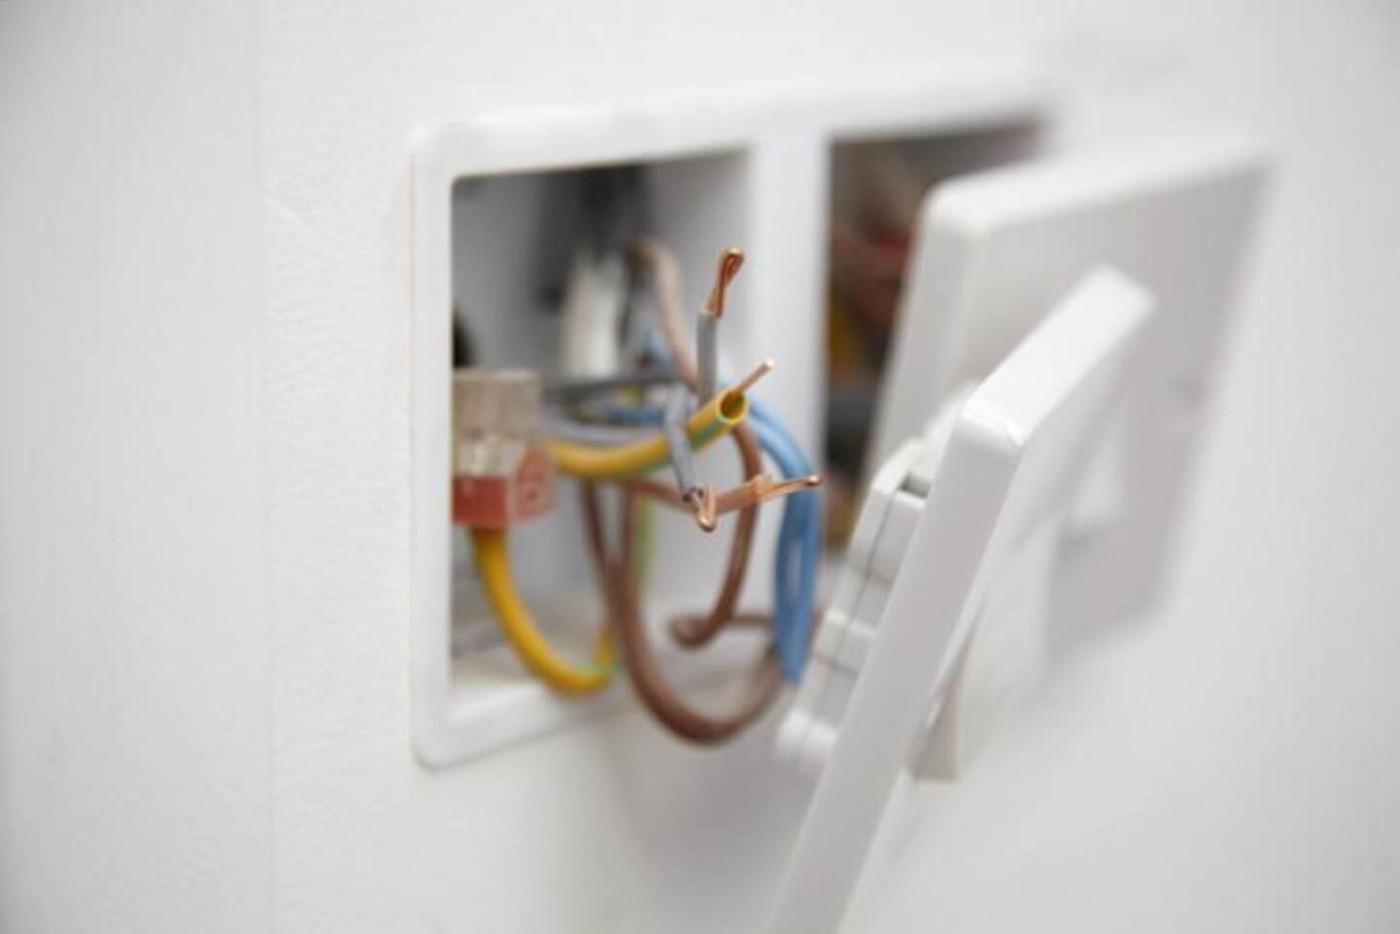 Instalacja elektryczna w domu – o czym warto pamiętać projektując instalację elektryczną? CHECKLISTA